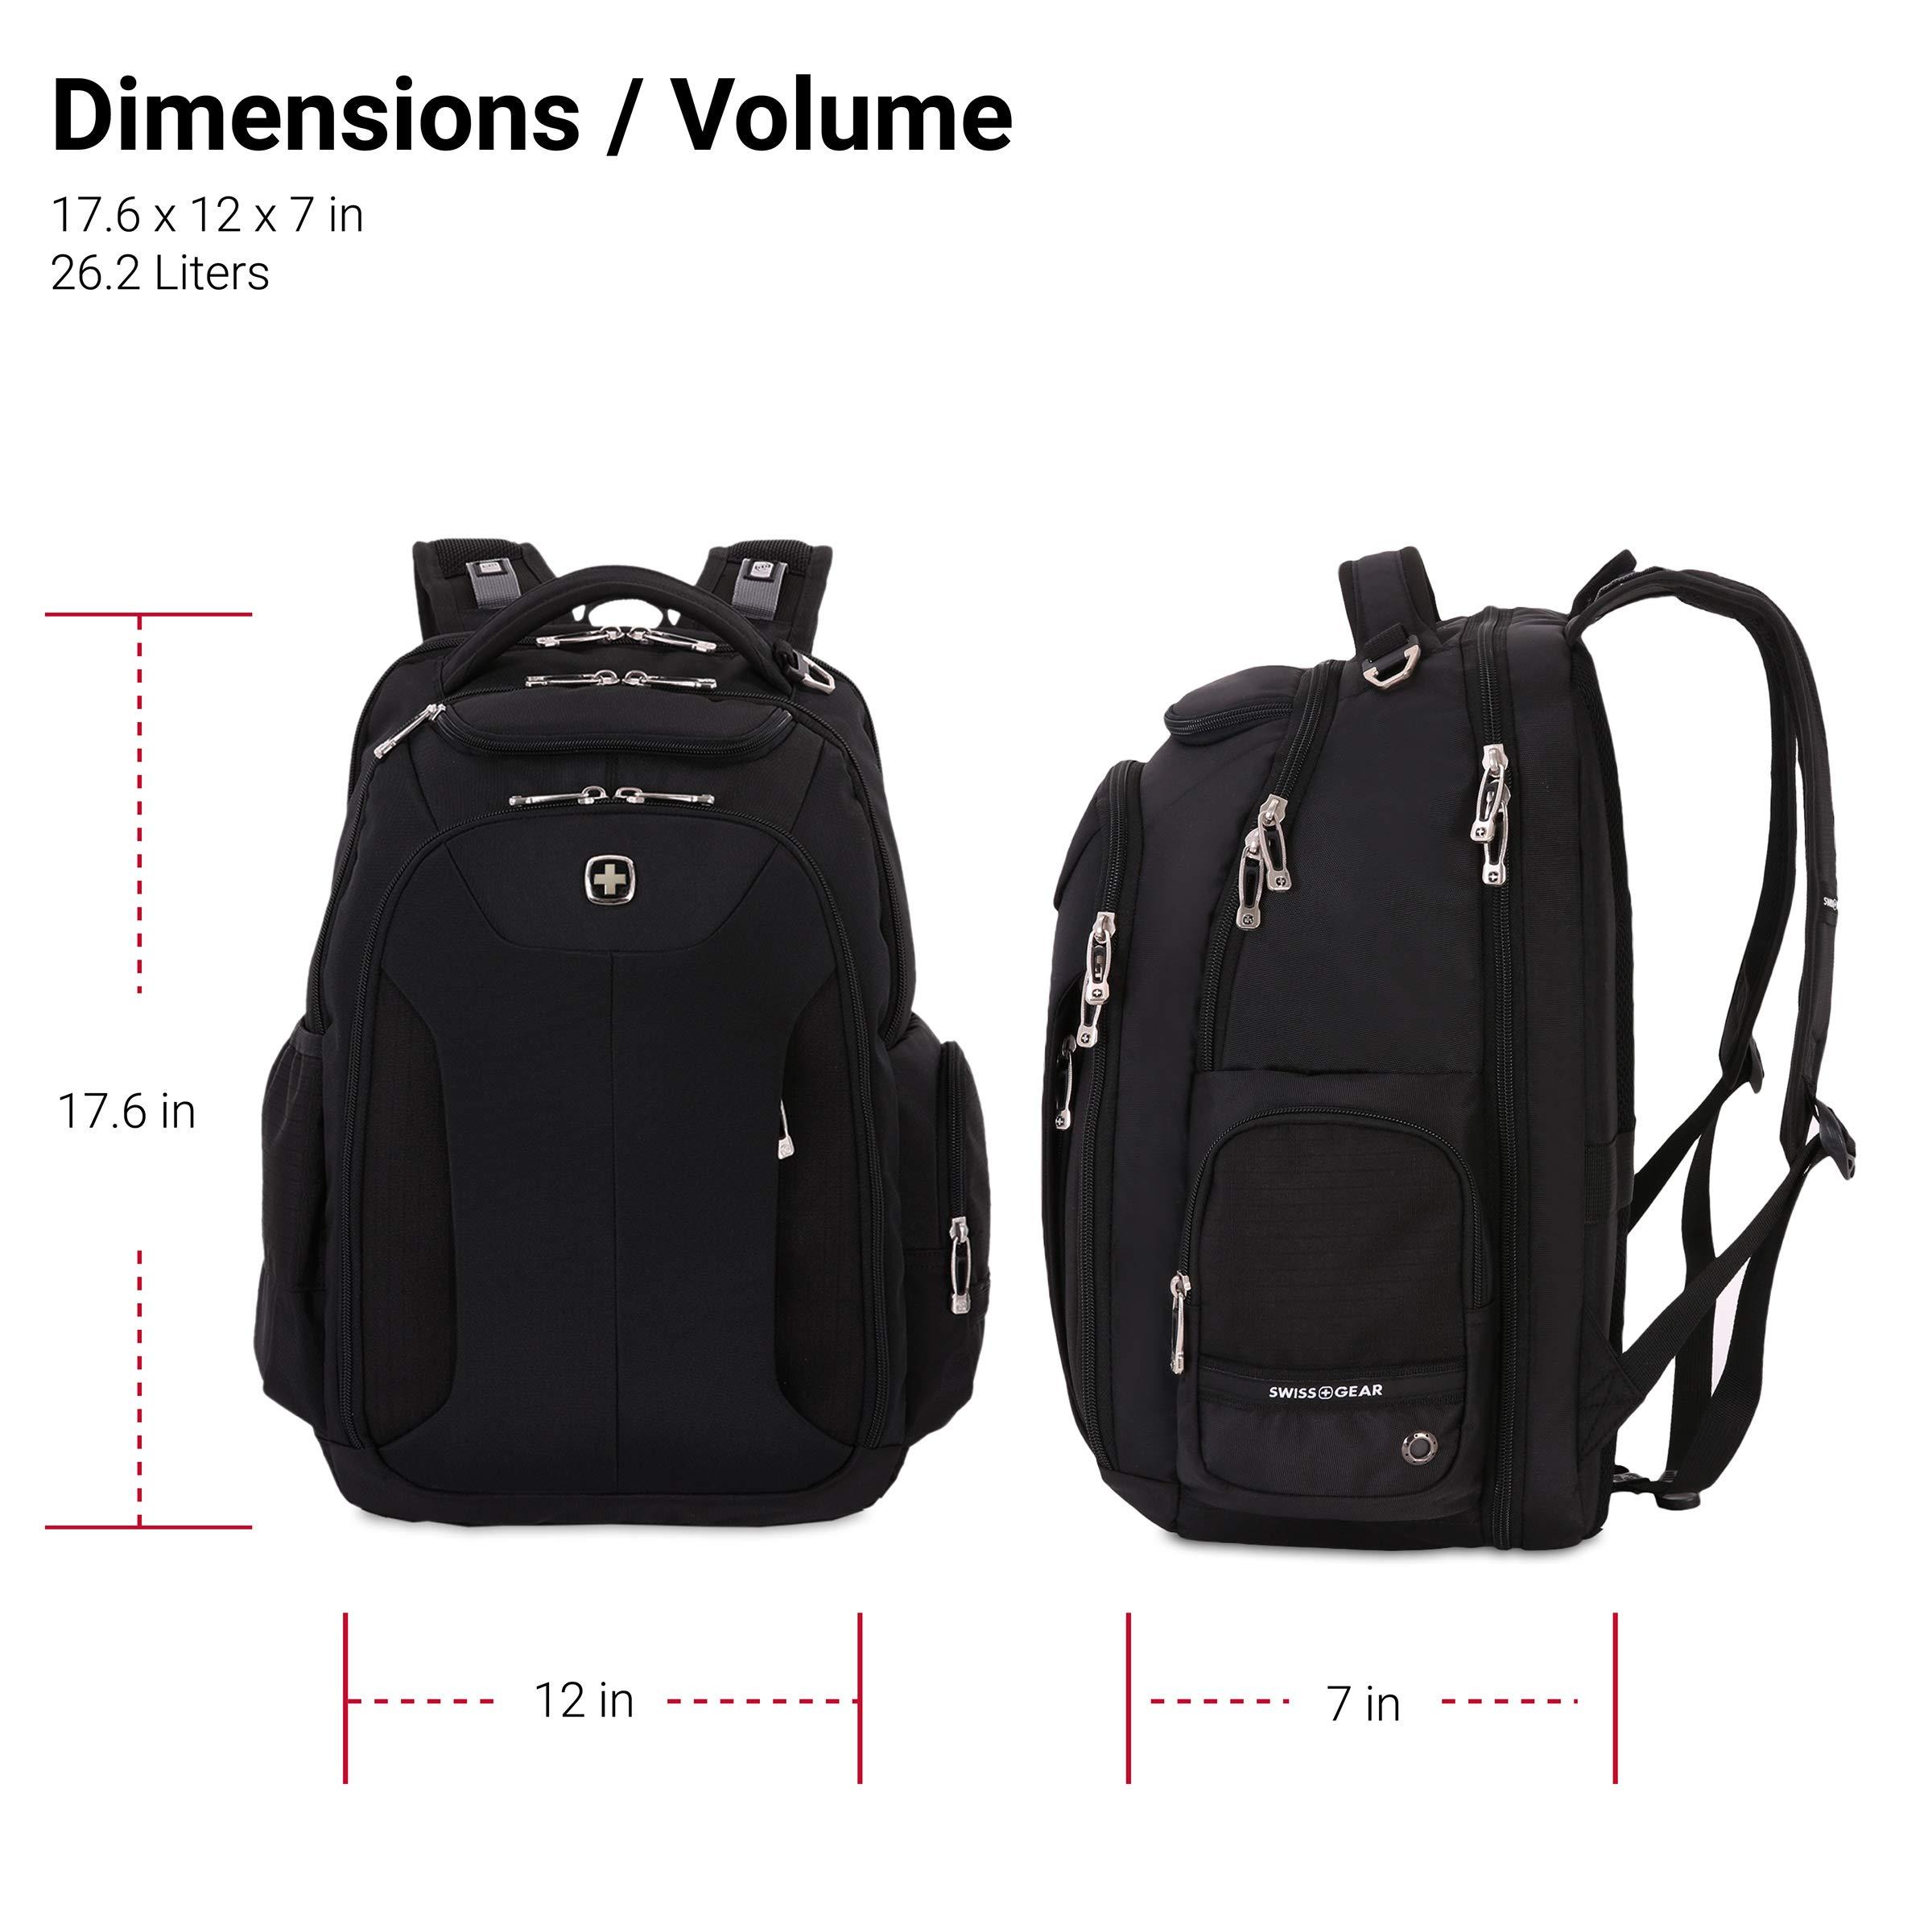 SWISSGEAR Large ScanSmart 15-inch Laptop Backpack   TSA-Friendly Carry-on   Travel, Work, School   Men's and Women's - Black by SwissGear (Image #6)